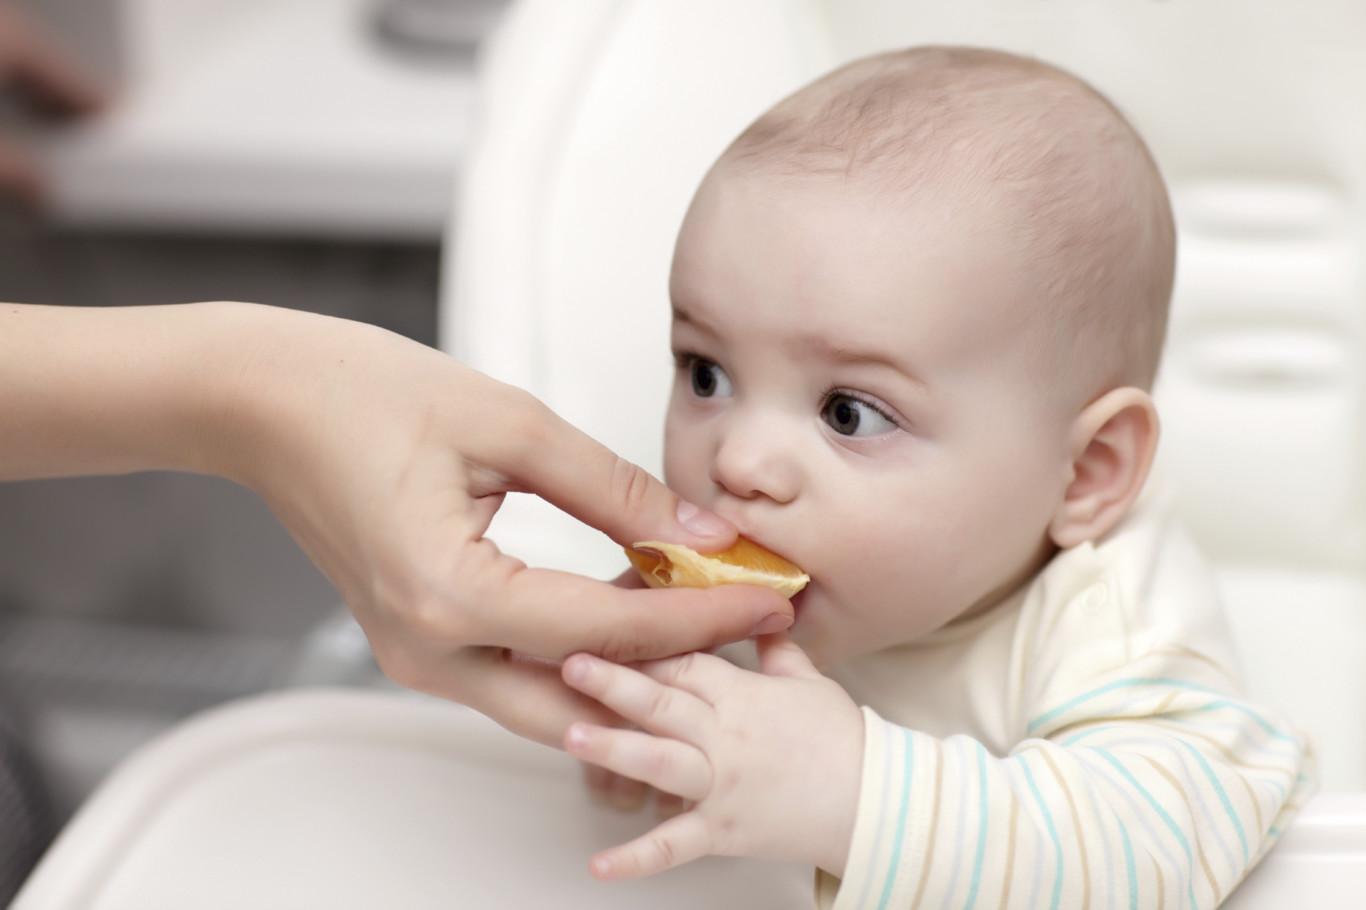 como alimentar a un bebe - Alimentación en bebés de 6 meses